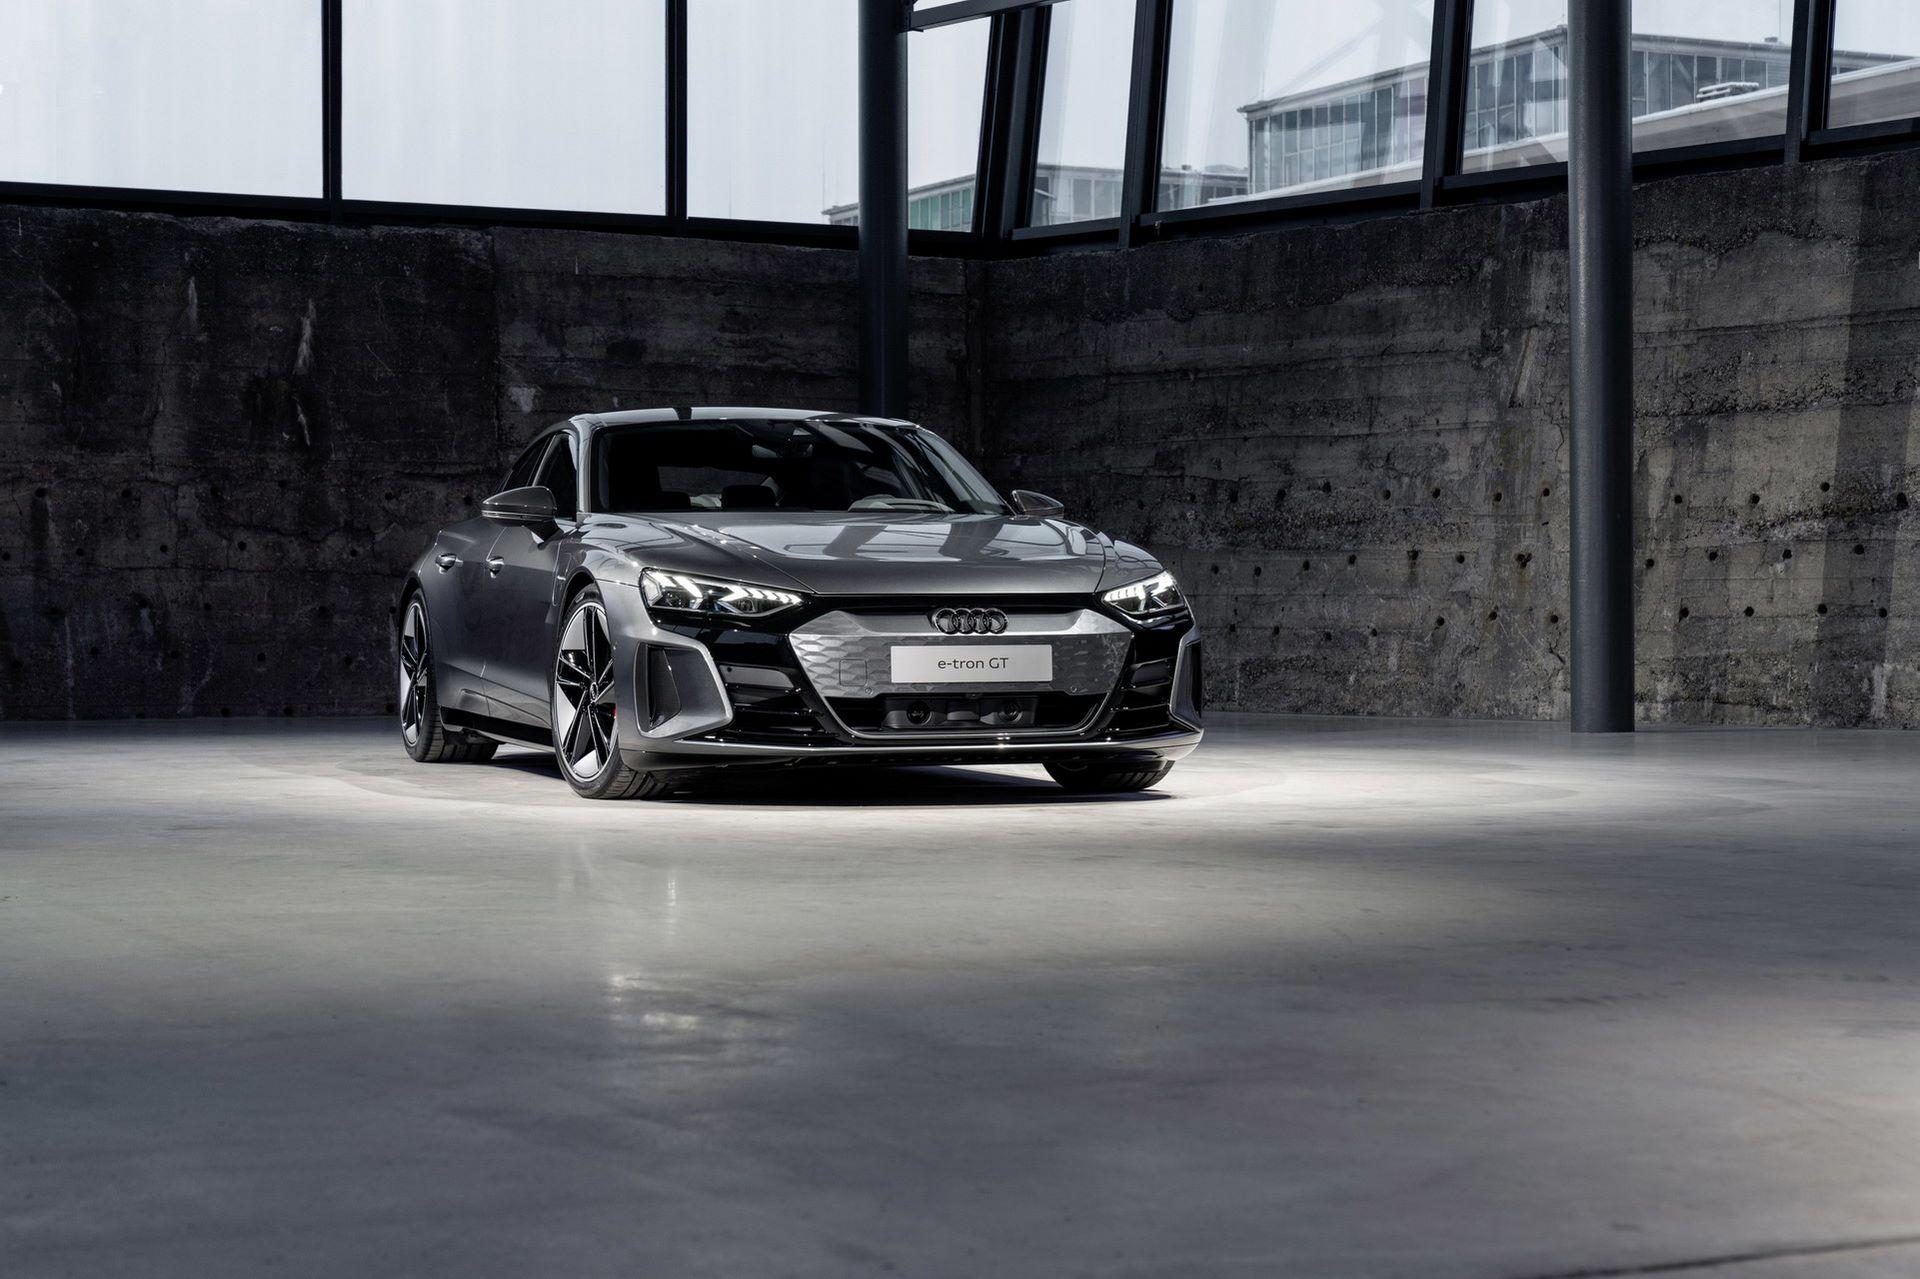 2022-Audi-e-tron-GT-24